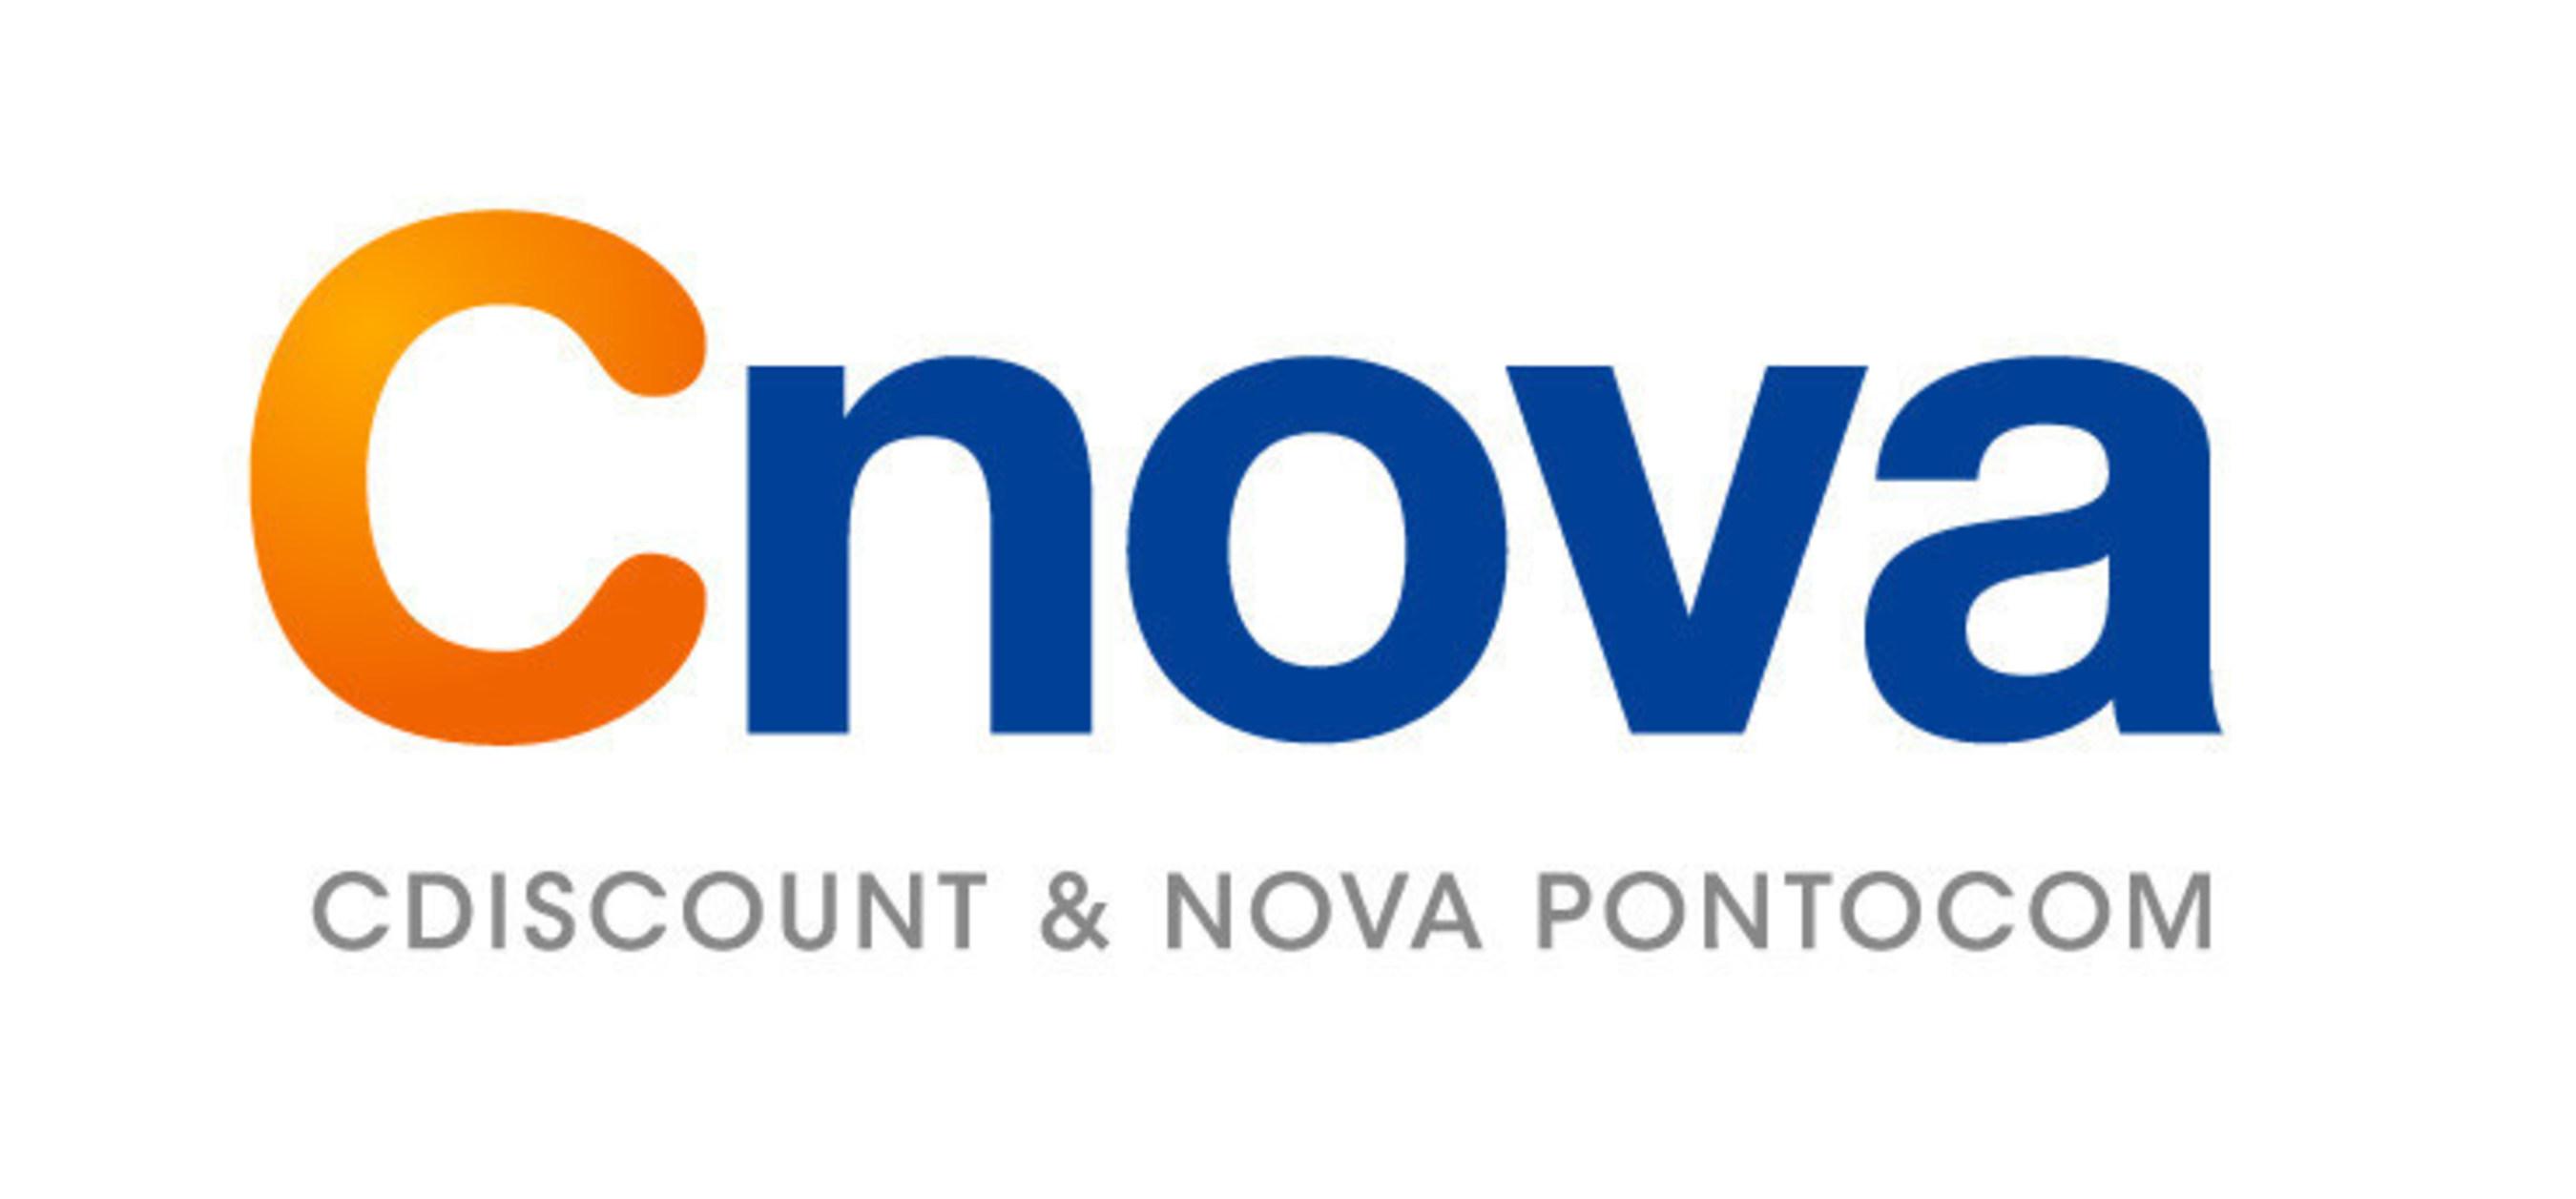 Cnova N.V. gibt Preisgestaltung für erstes öffentliches Zeichnungsangebot bekannt